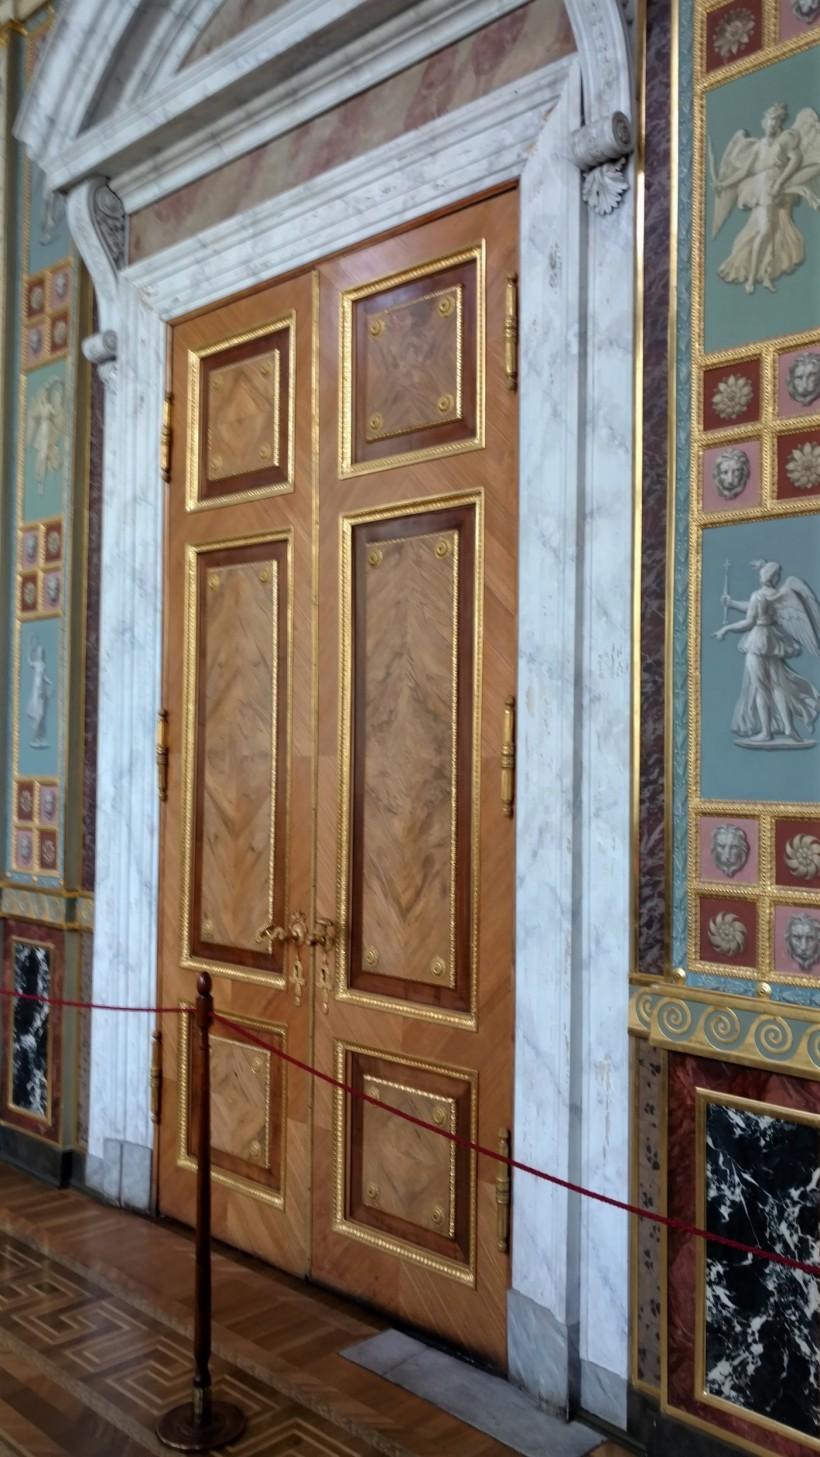 hermitage-musemu-st-petersburg-russia-037a